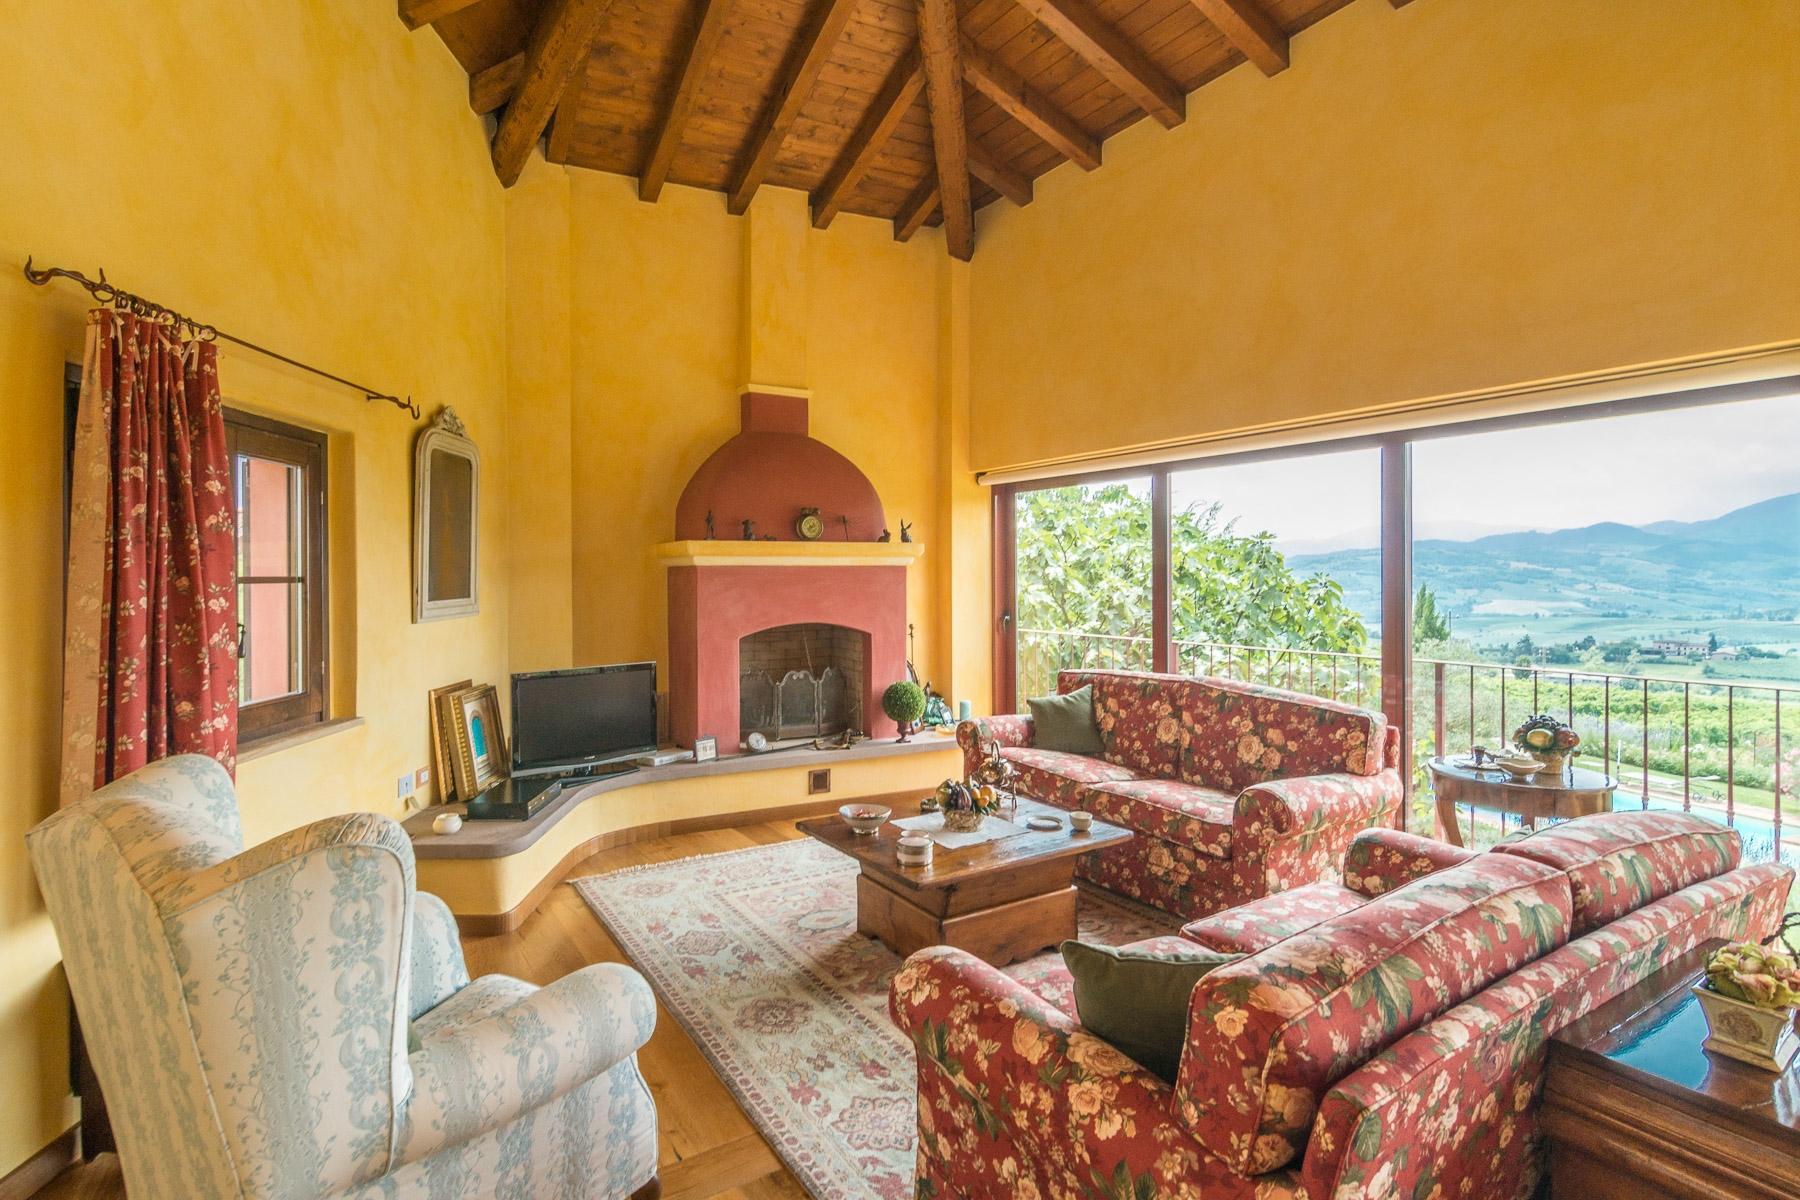 Casa indipendente in Vendita a Ziano Piacentino: 5 locali, 260 mq - Foto 18